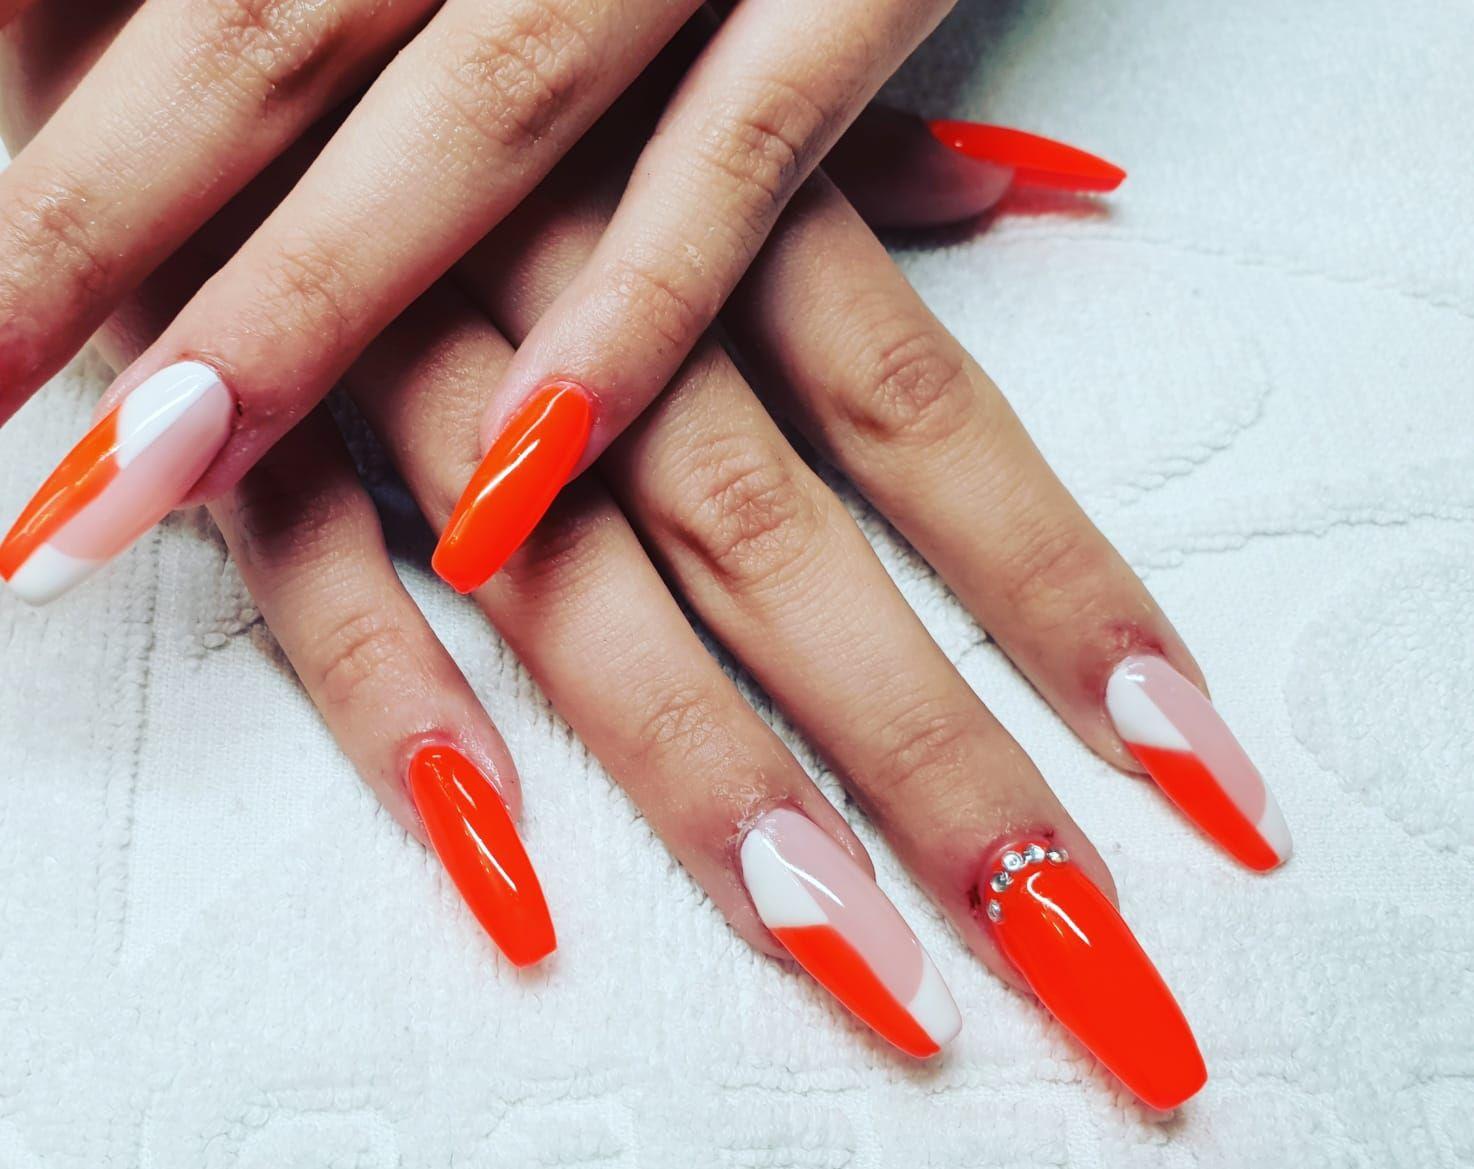 Uñas Stiletto, las uñas de gel que alargan tus manos. Preciosas! Diferentes decoraciones y diseños.